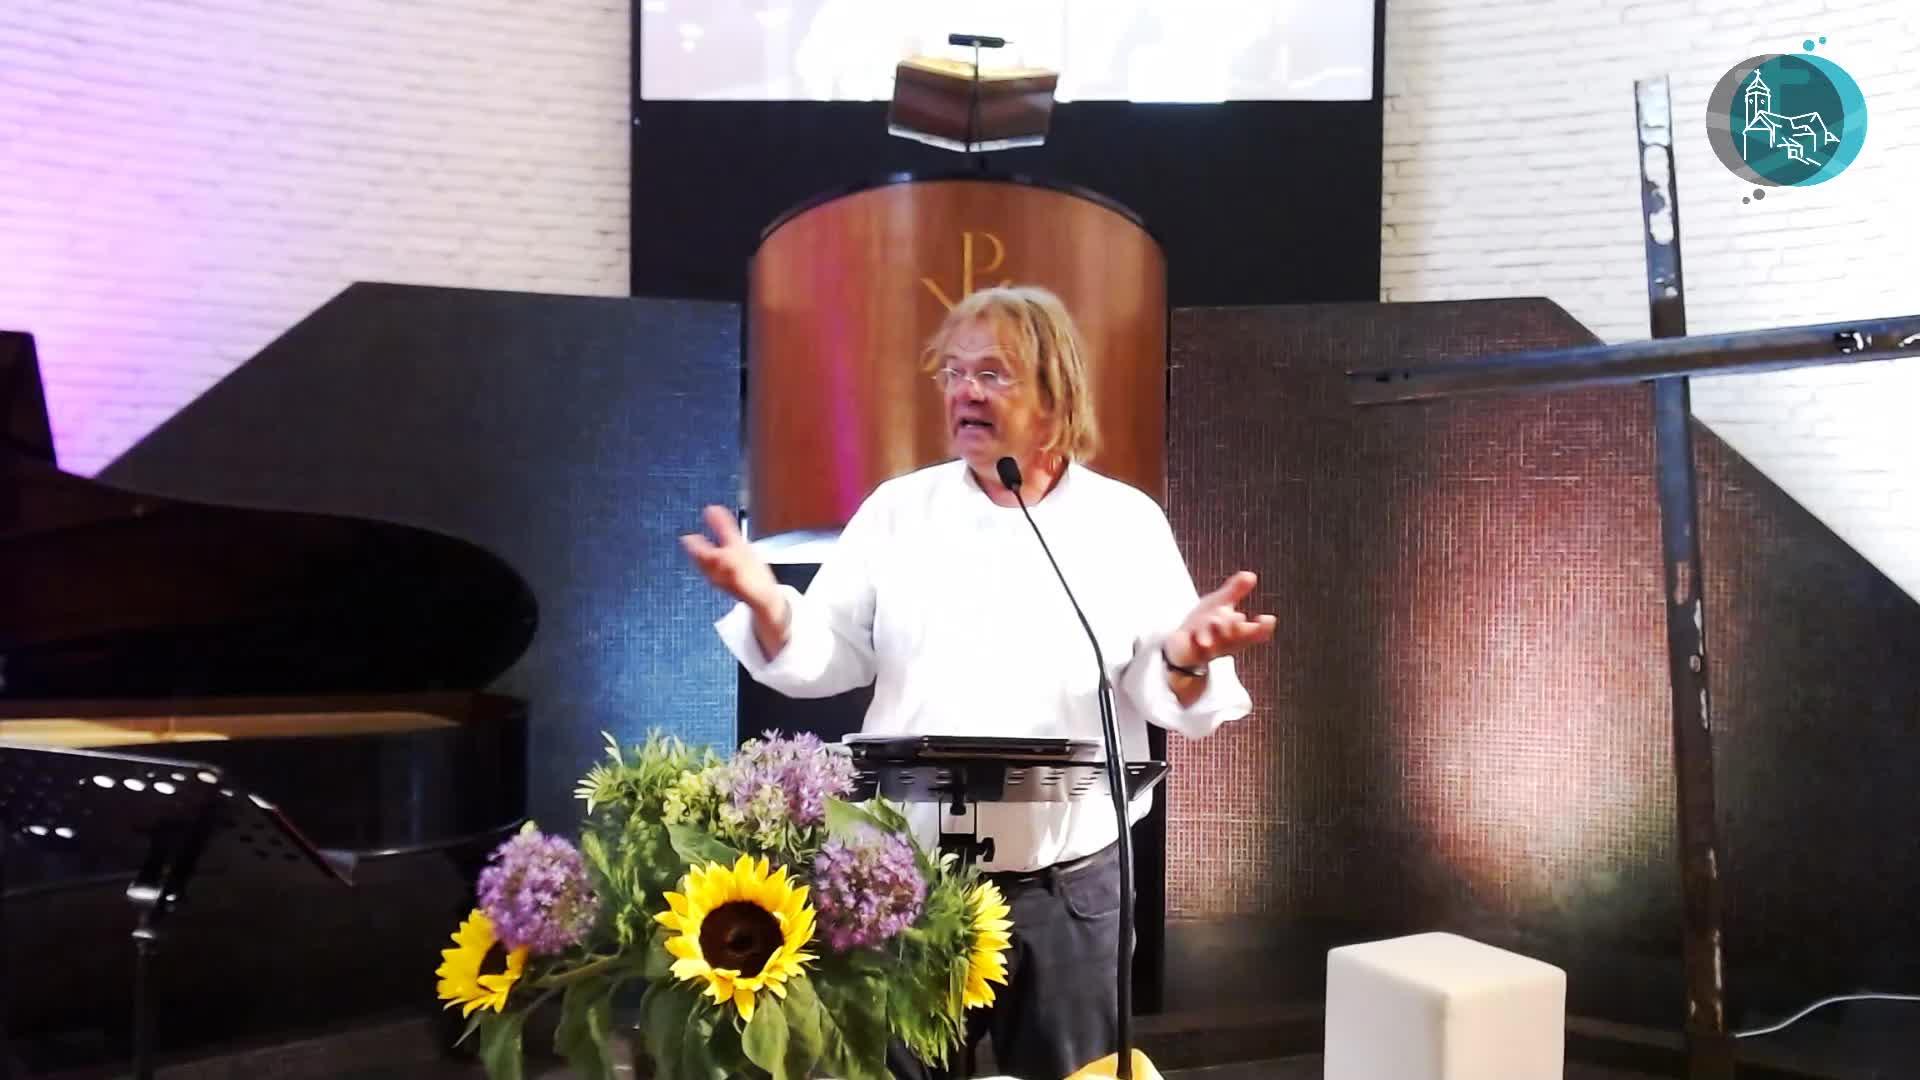 Gottesdienst (Aufzeichnung) Teil 2/2 am 5. Juli aus der Christuskirche Hamburg Altona